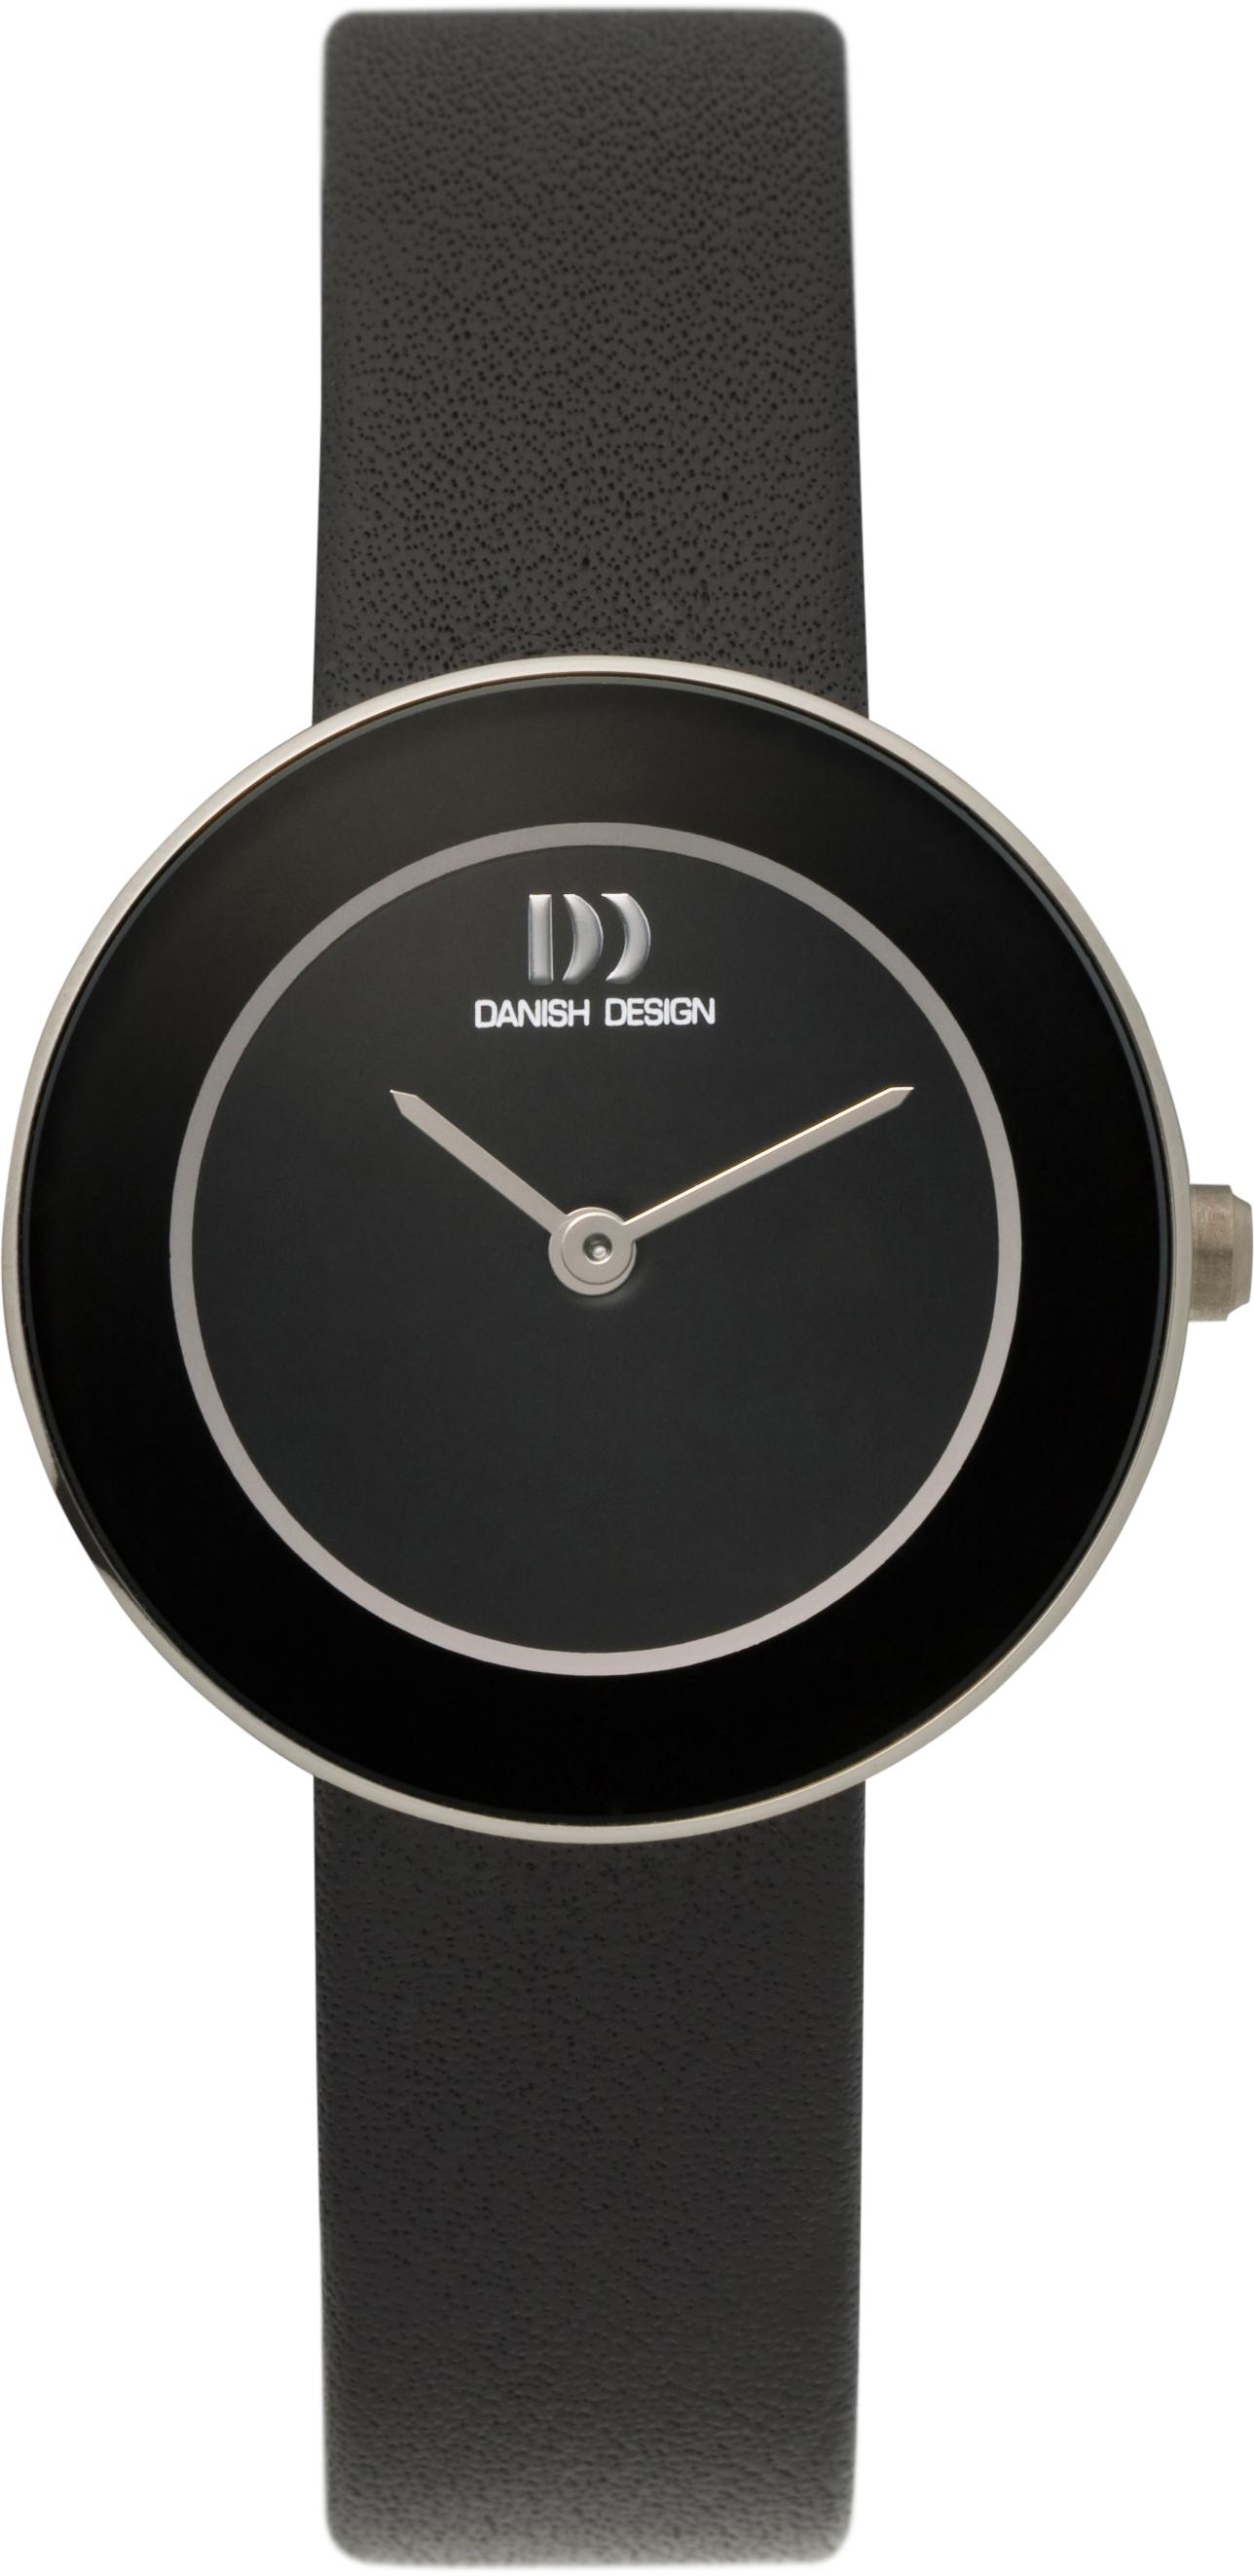 Danish Design Horloge 30 mm Titanium IV13Q834